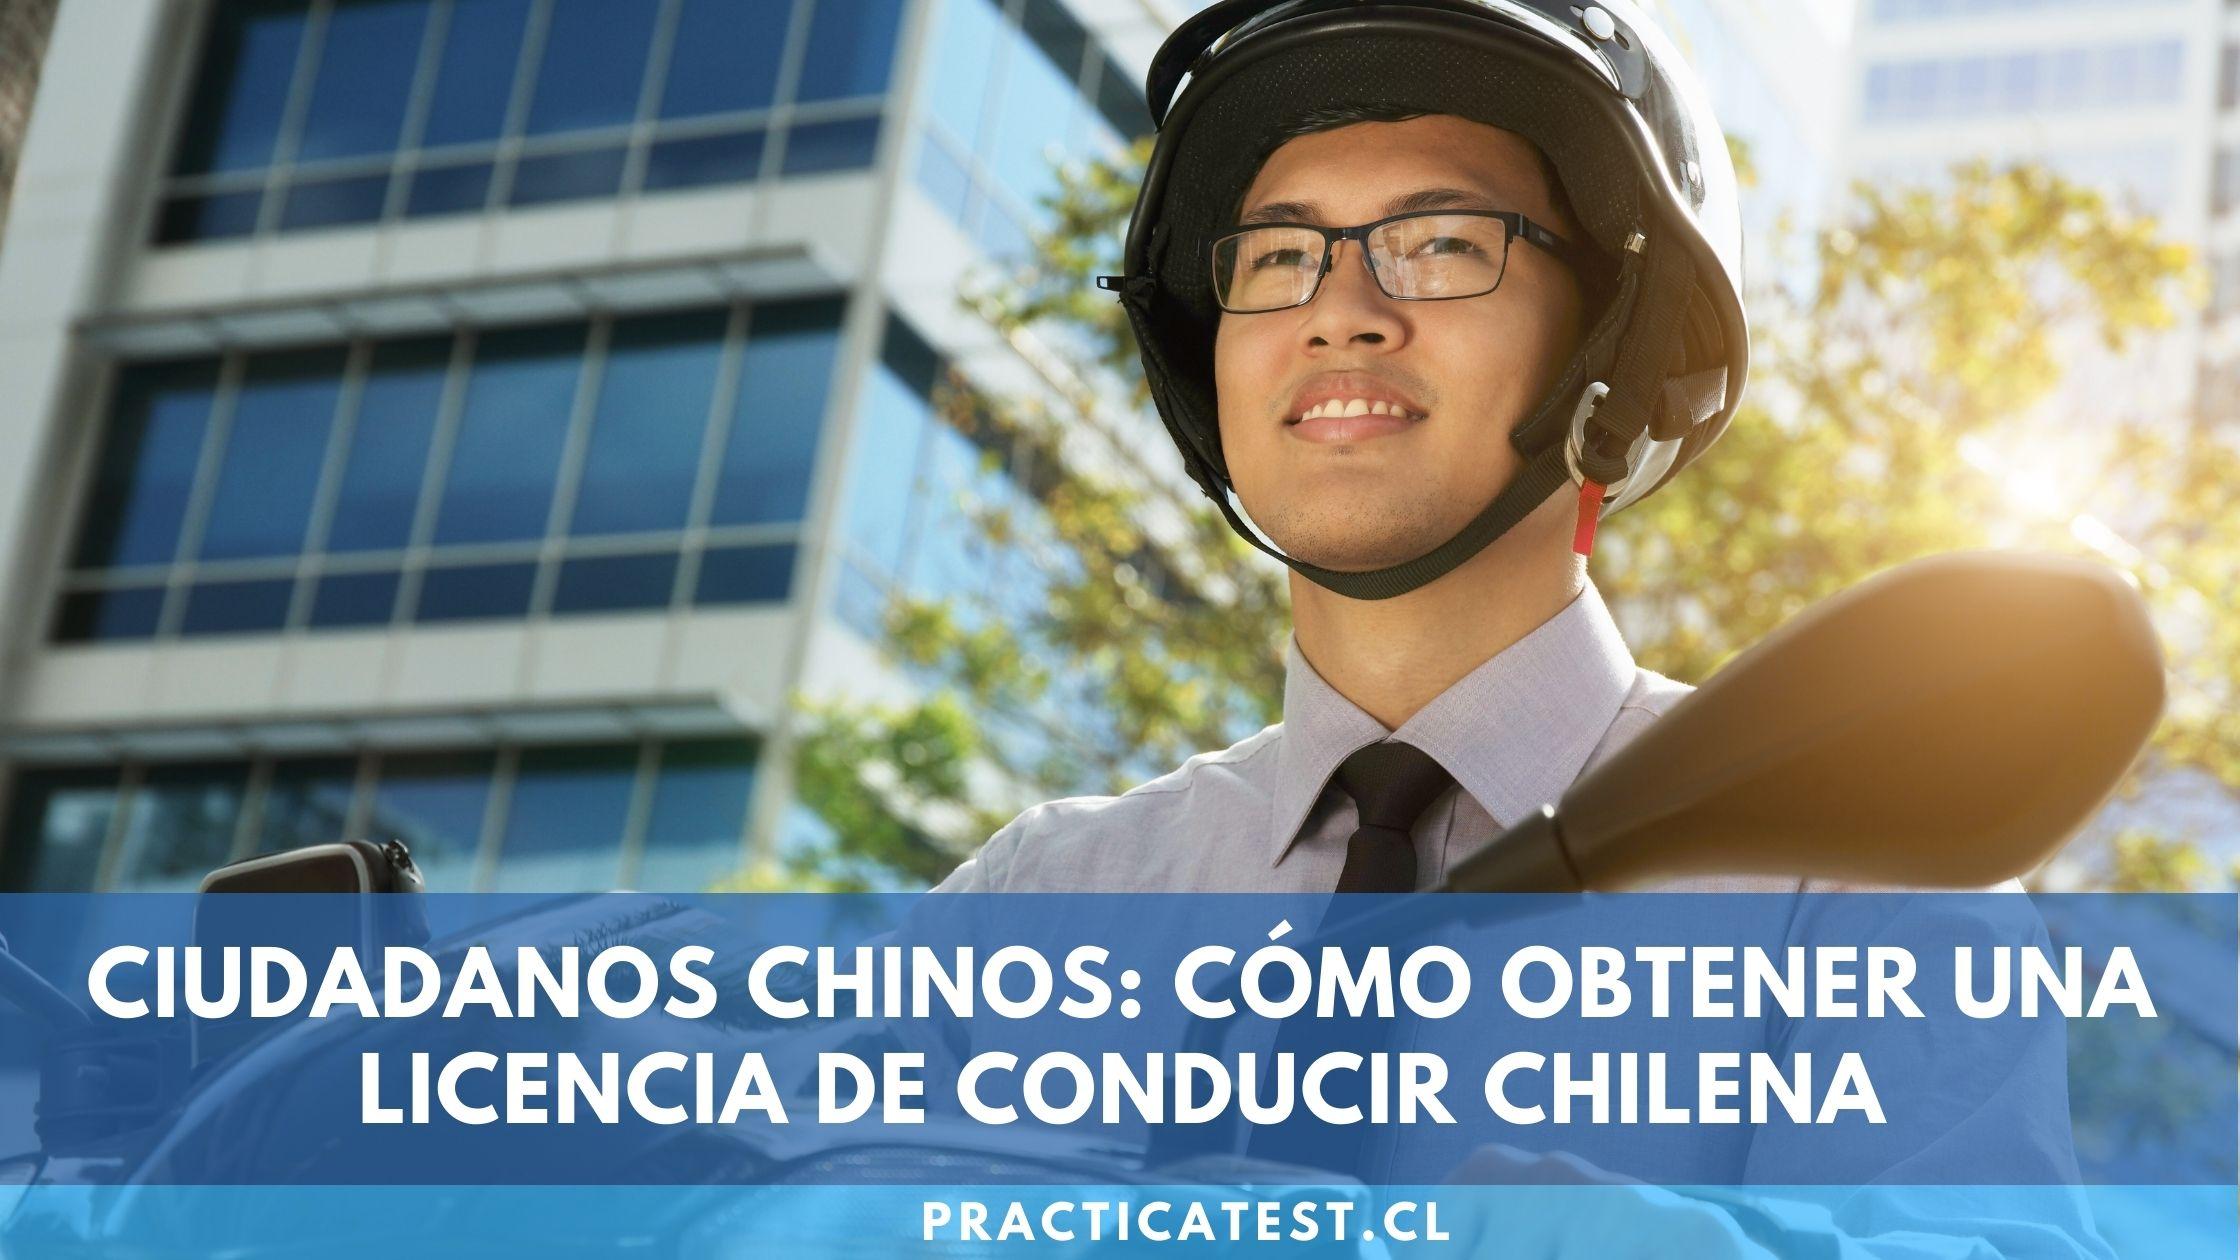 Requisitos y documentos necesarios para conducir un vehículo en Chile siendo Chino